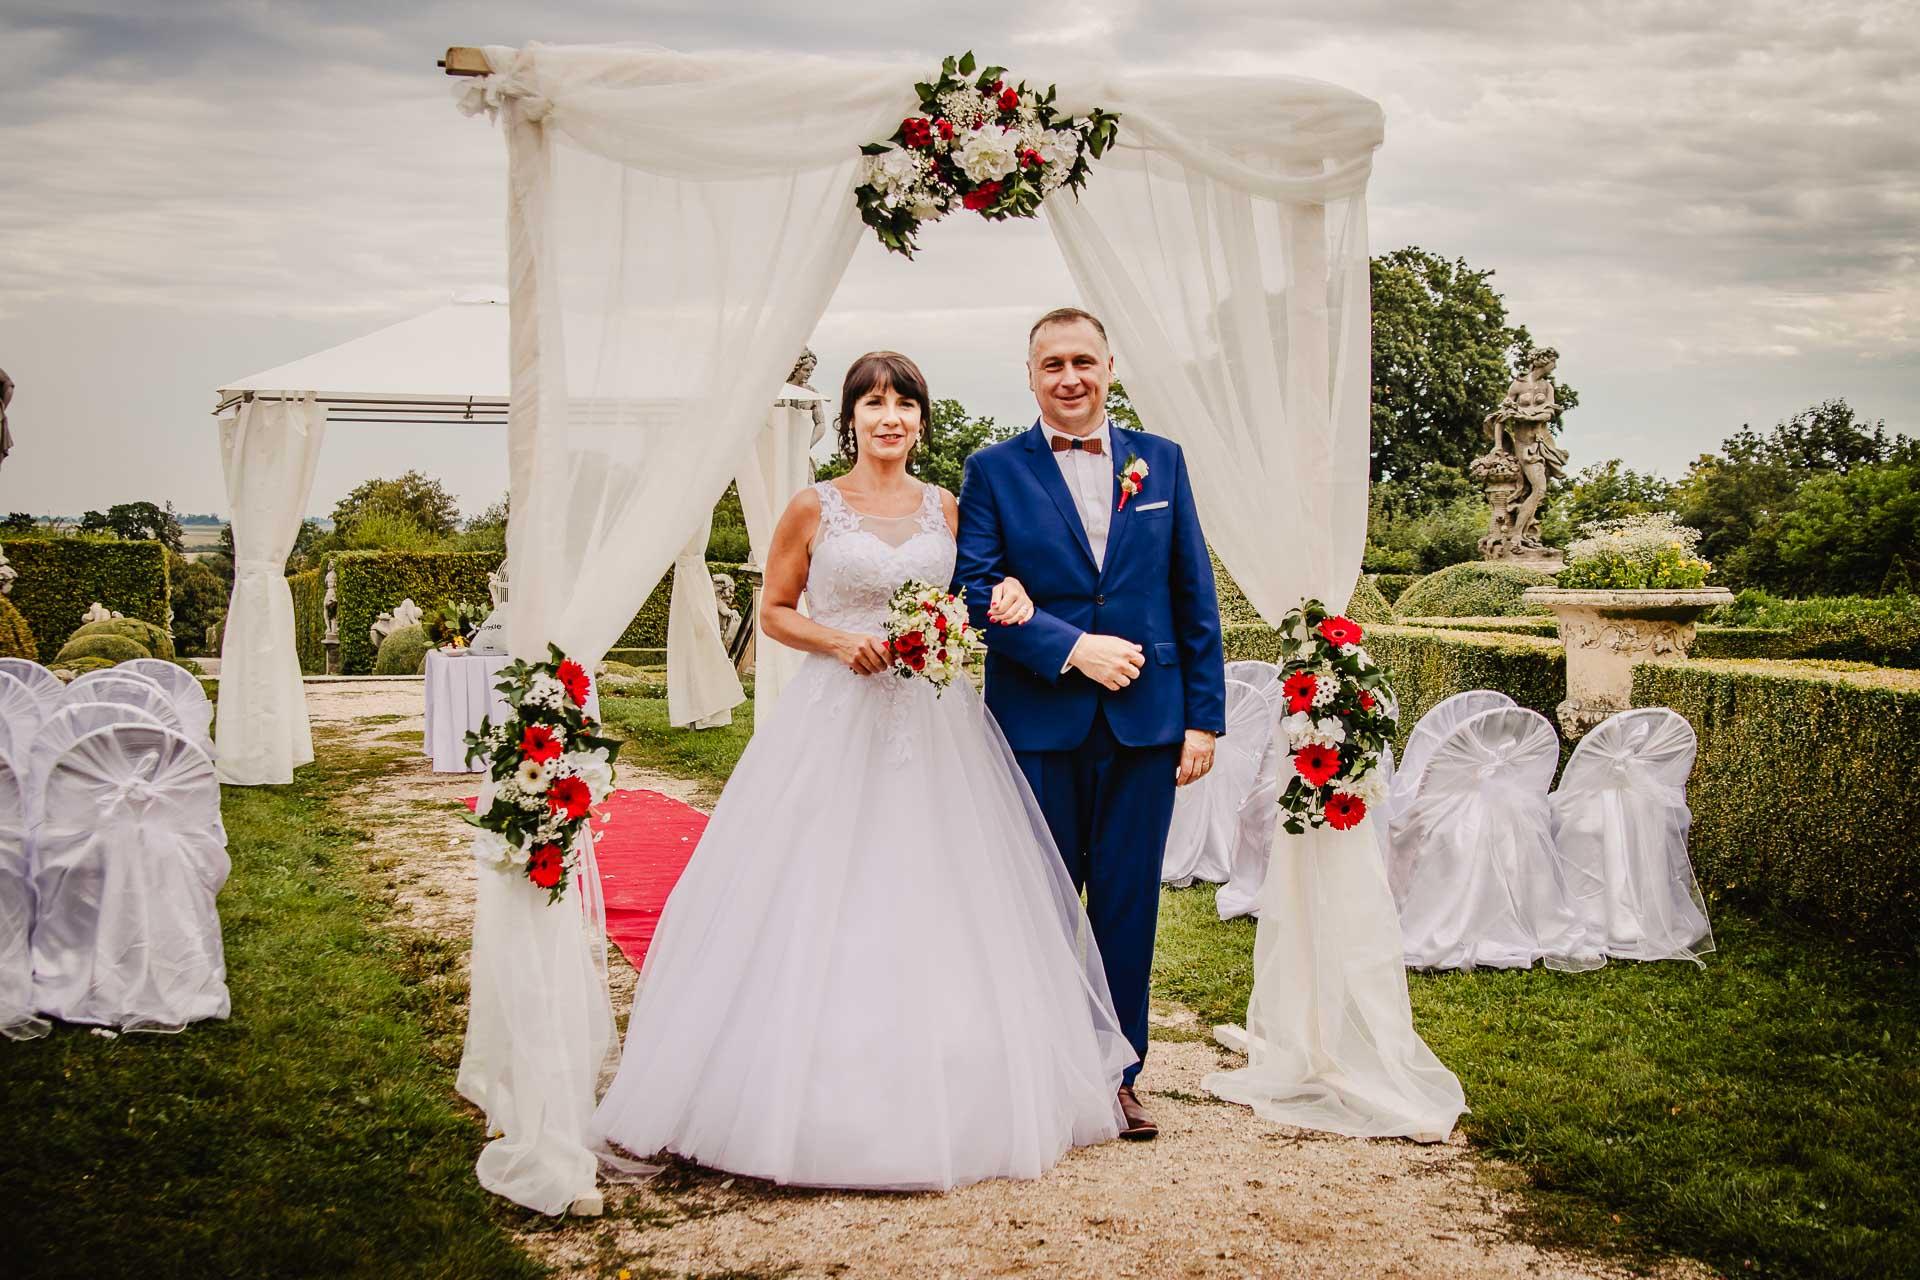 příprava-svatebního-obřadu-Lysá-nad-Labem-svatební-agentura-Svatbavenku-9737